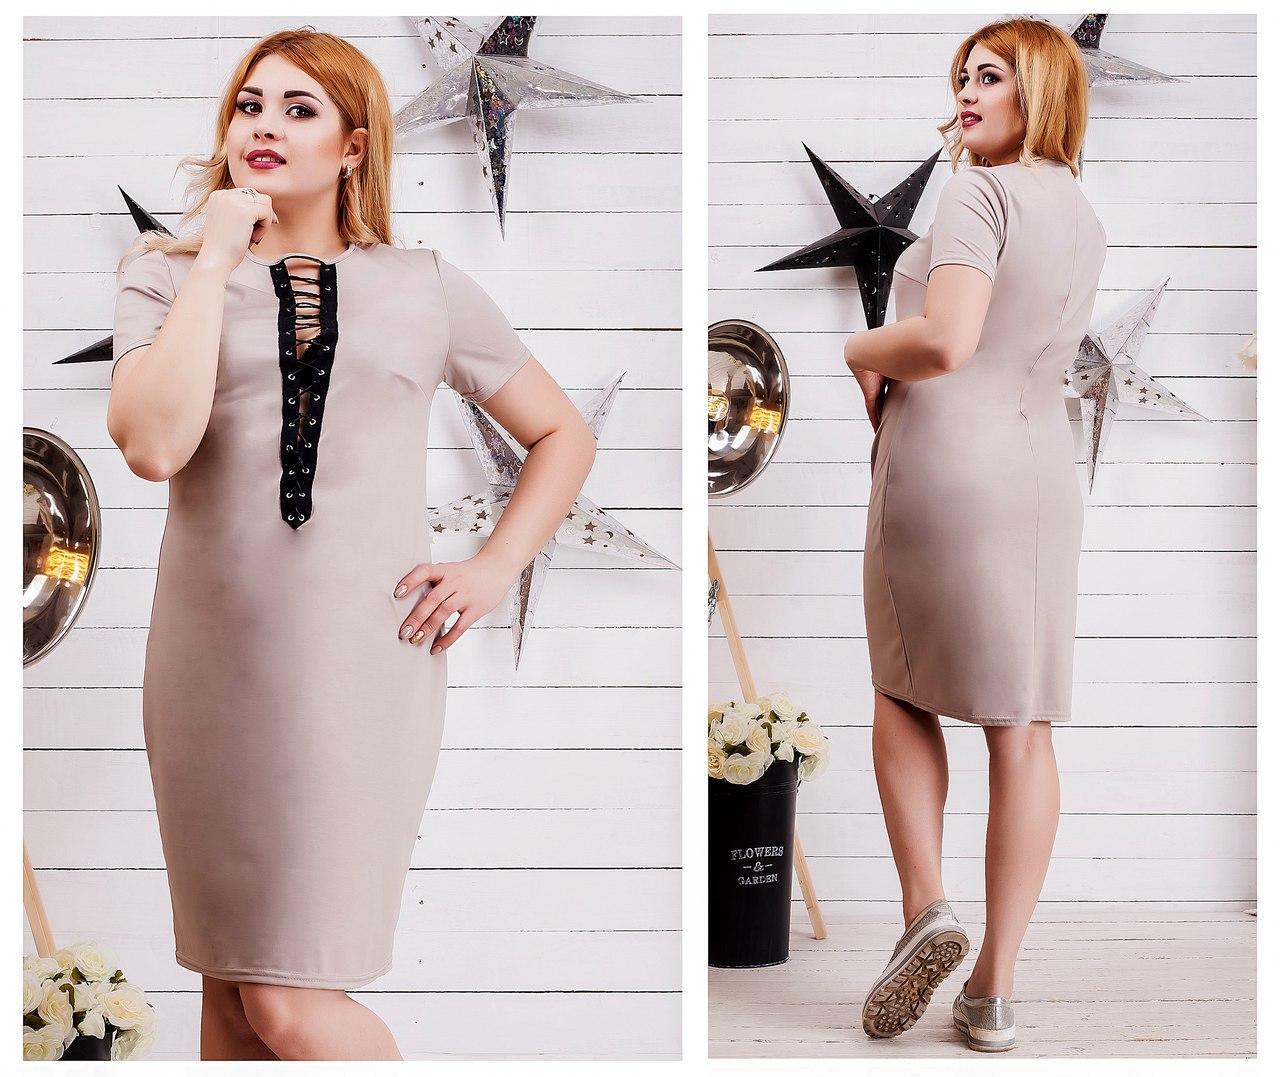 Большие груди в облегаюшем платье фото 665-616